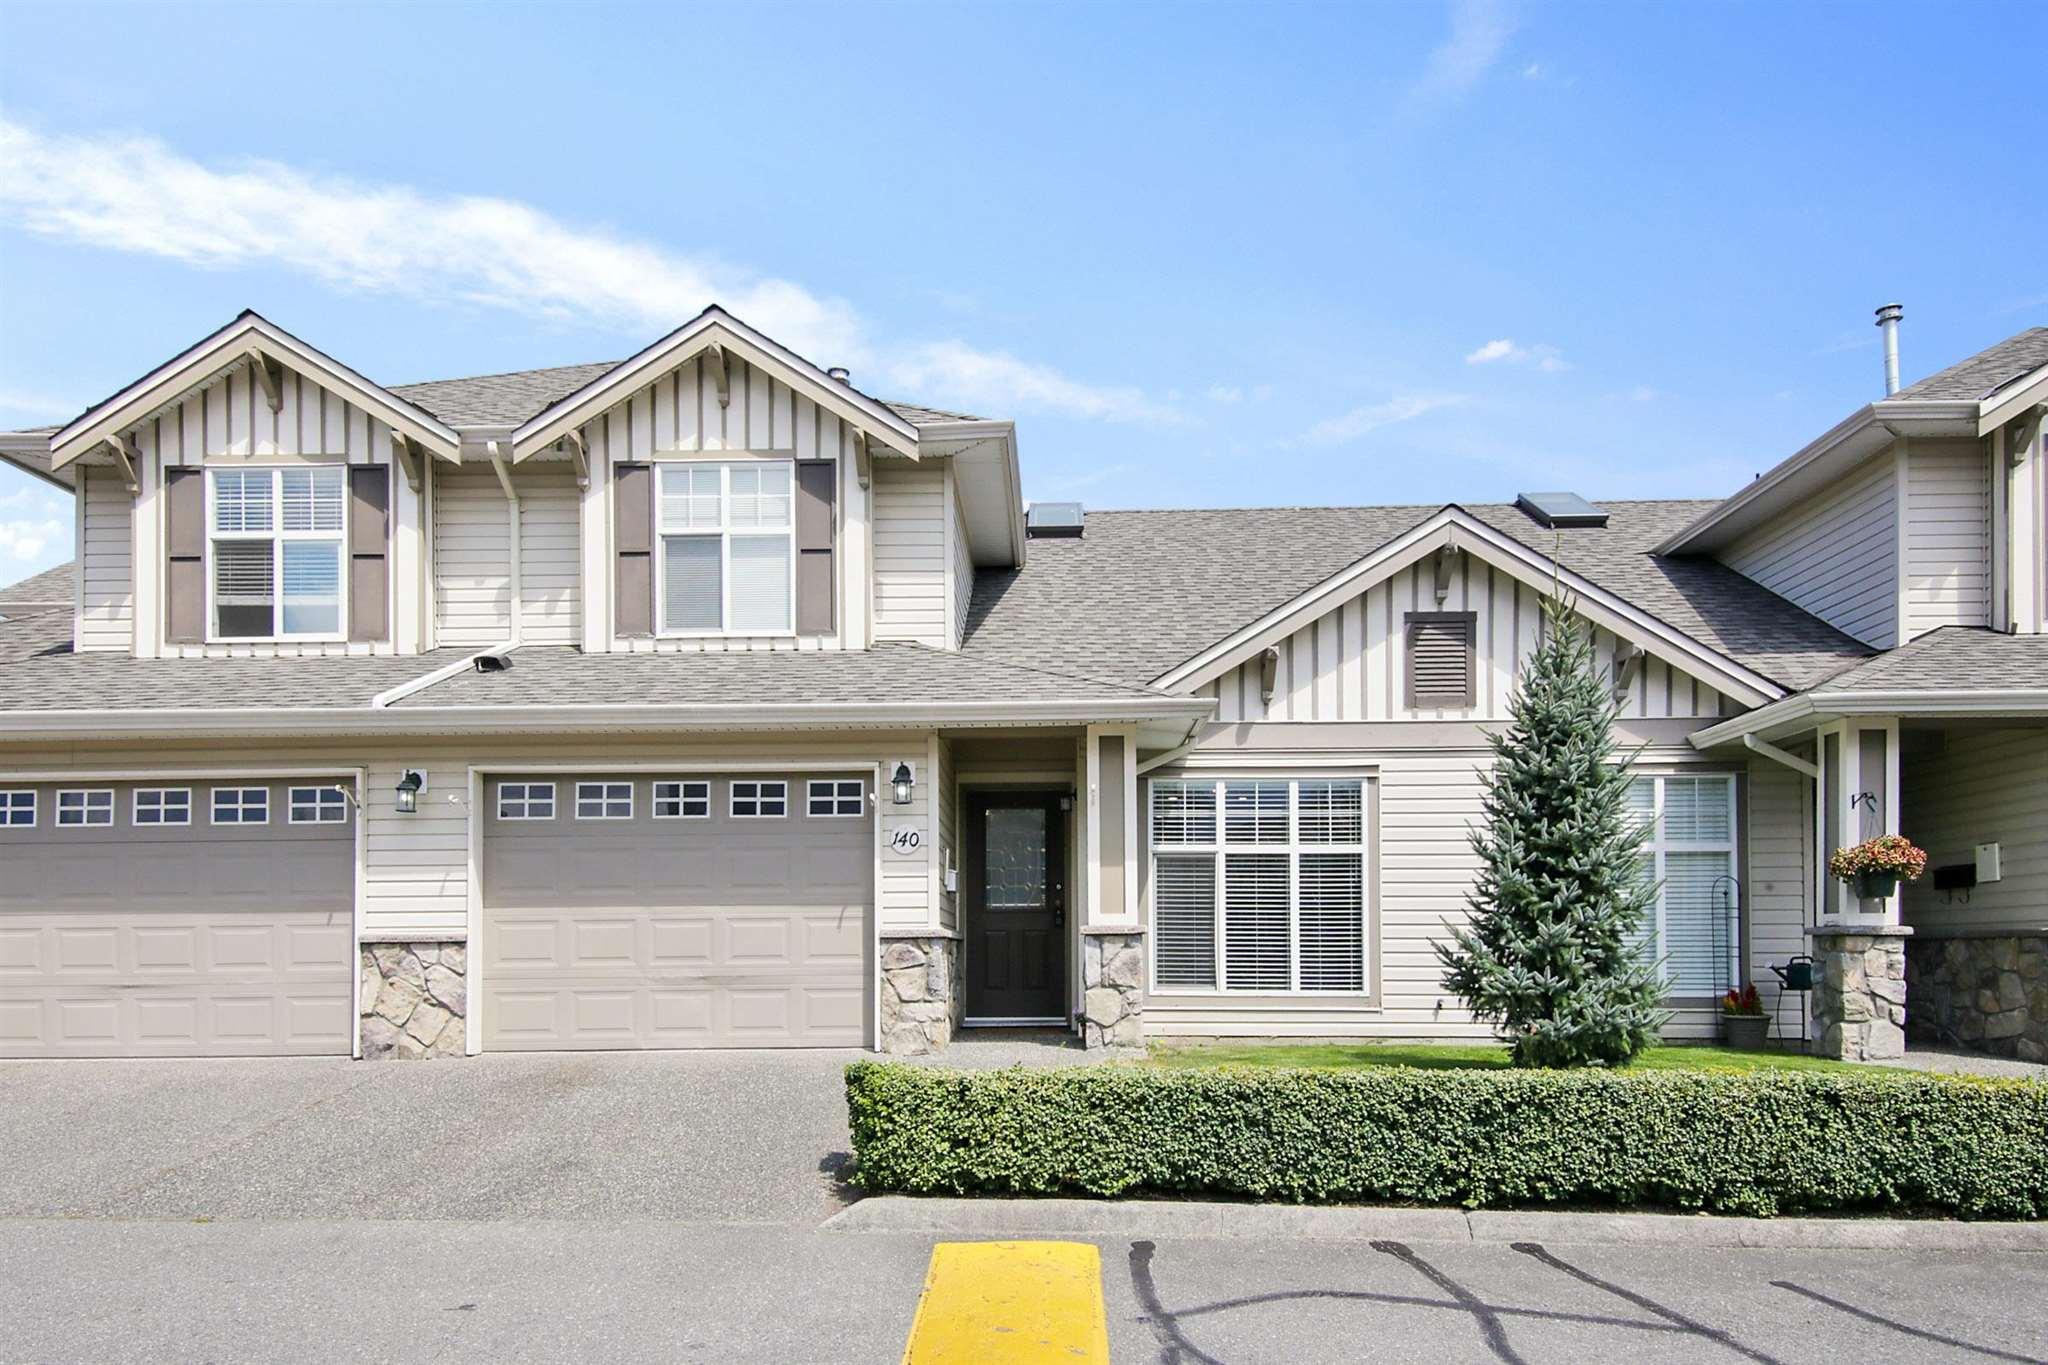 140 6450 VEDDER ROAD - Sardis East Vedder Rd Townhouse for sale, 3 Bedrooms (R2604059) - #1